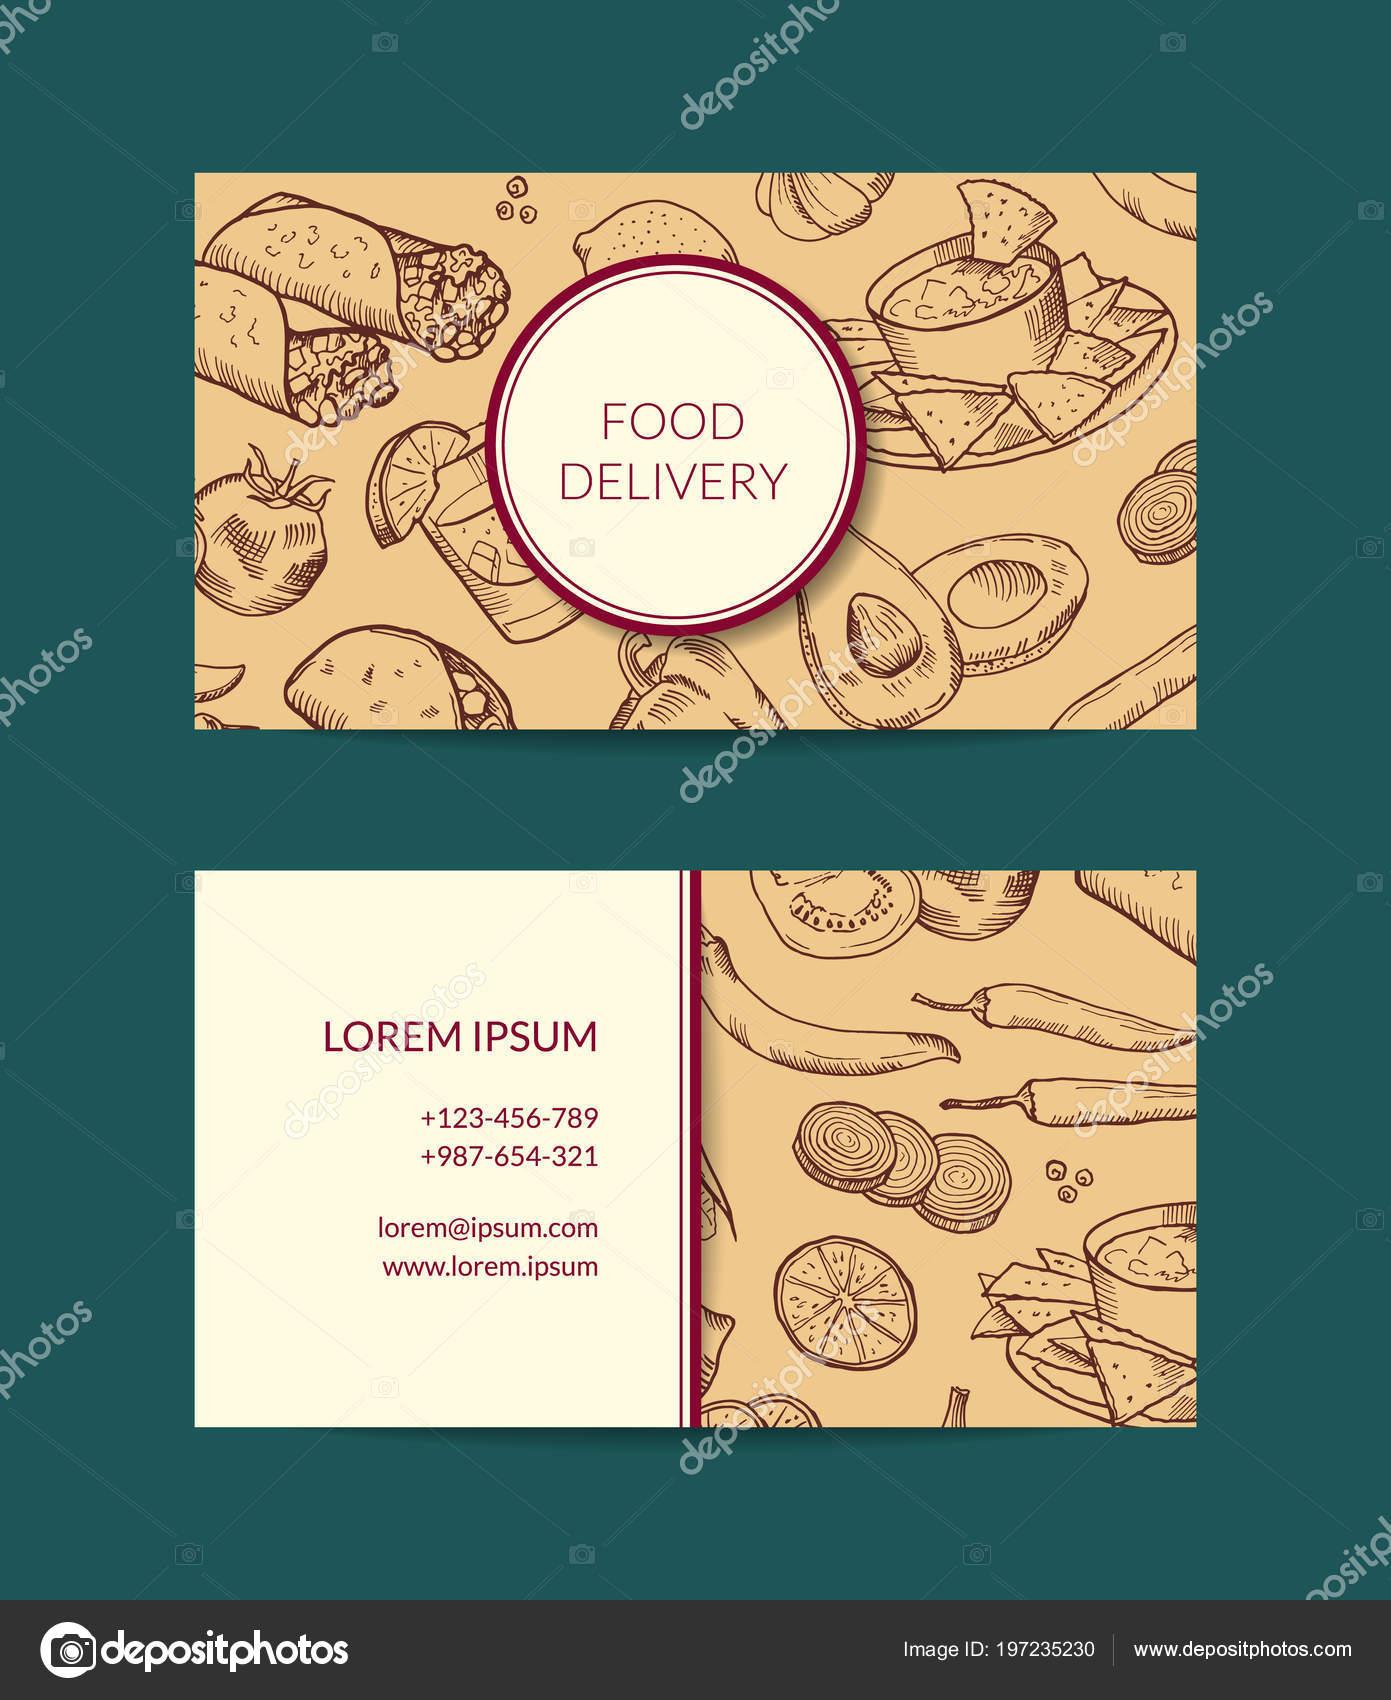 Modele De Carte Visite Vecteur Pour Restaurant Magasin Ou Cafe Illustration Stock